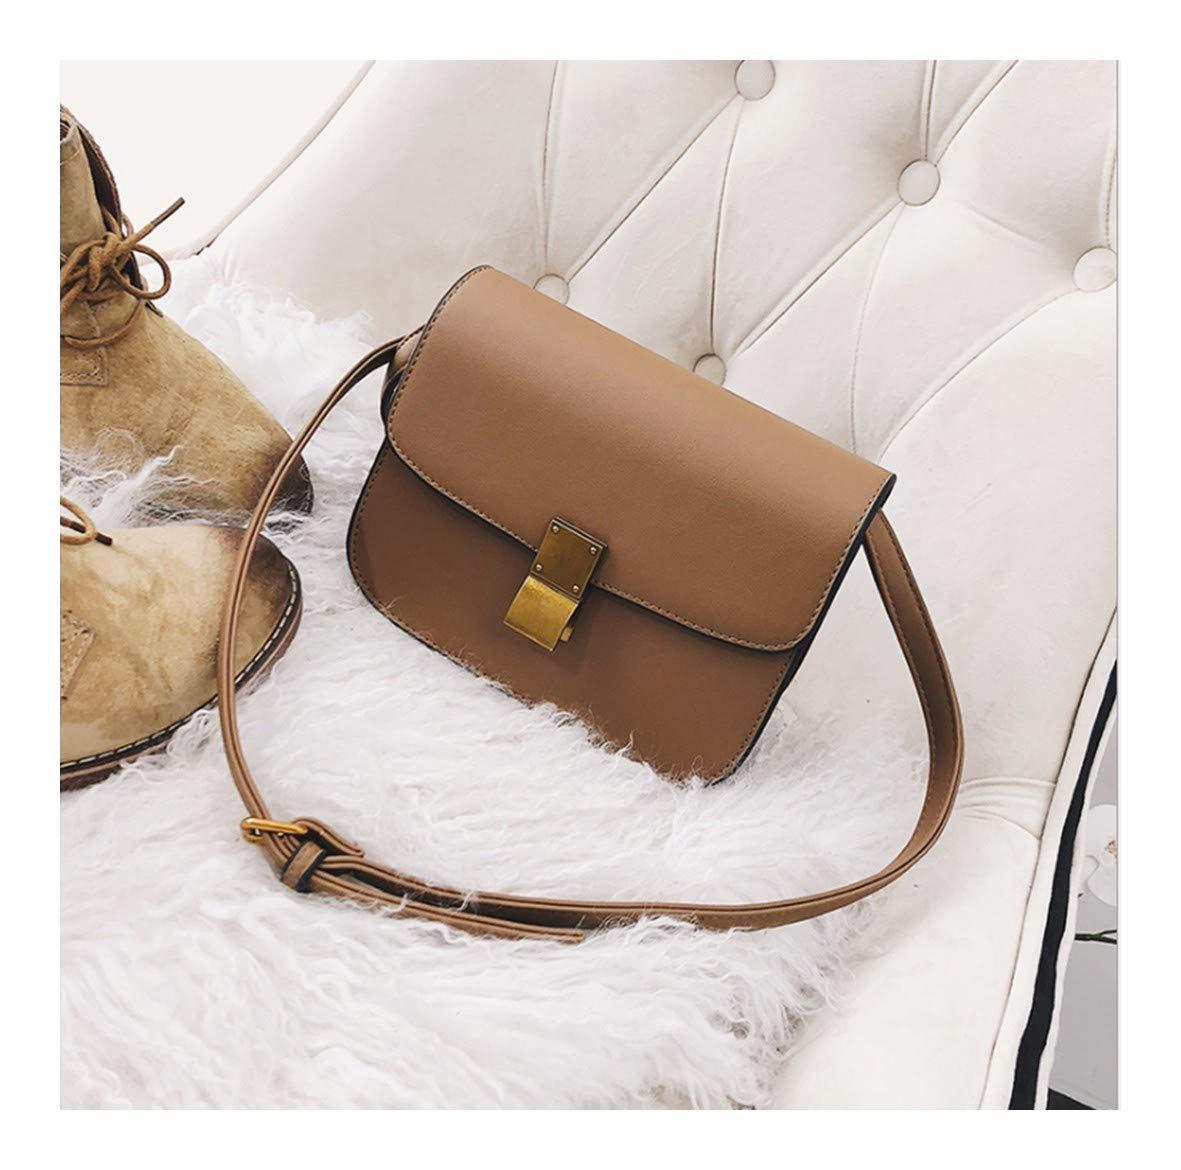 XUZISHAN Meine Damen Tasche Quadrat Tofu Handtasche Pure Farbe Soft Leder Messenger Bag Fashion Simple Lock Crossbody Single Schultertasche B07M9DQLL5 Damenhandtaschen Hervorragender Stil